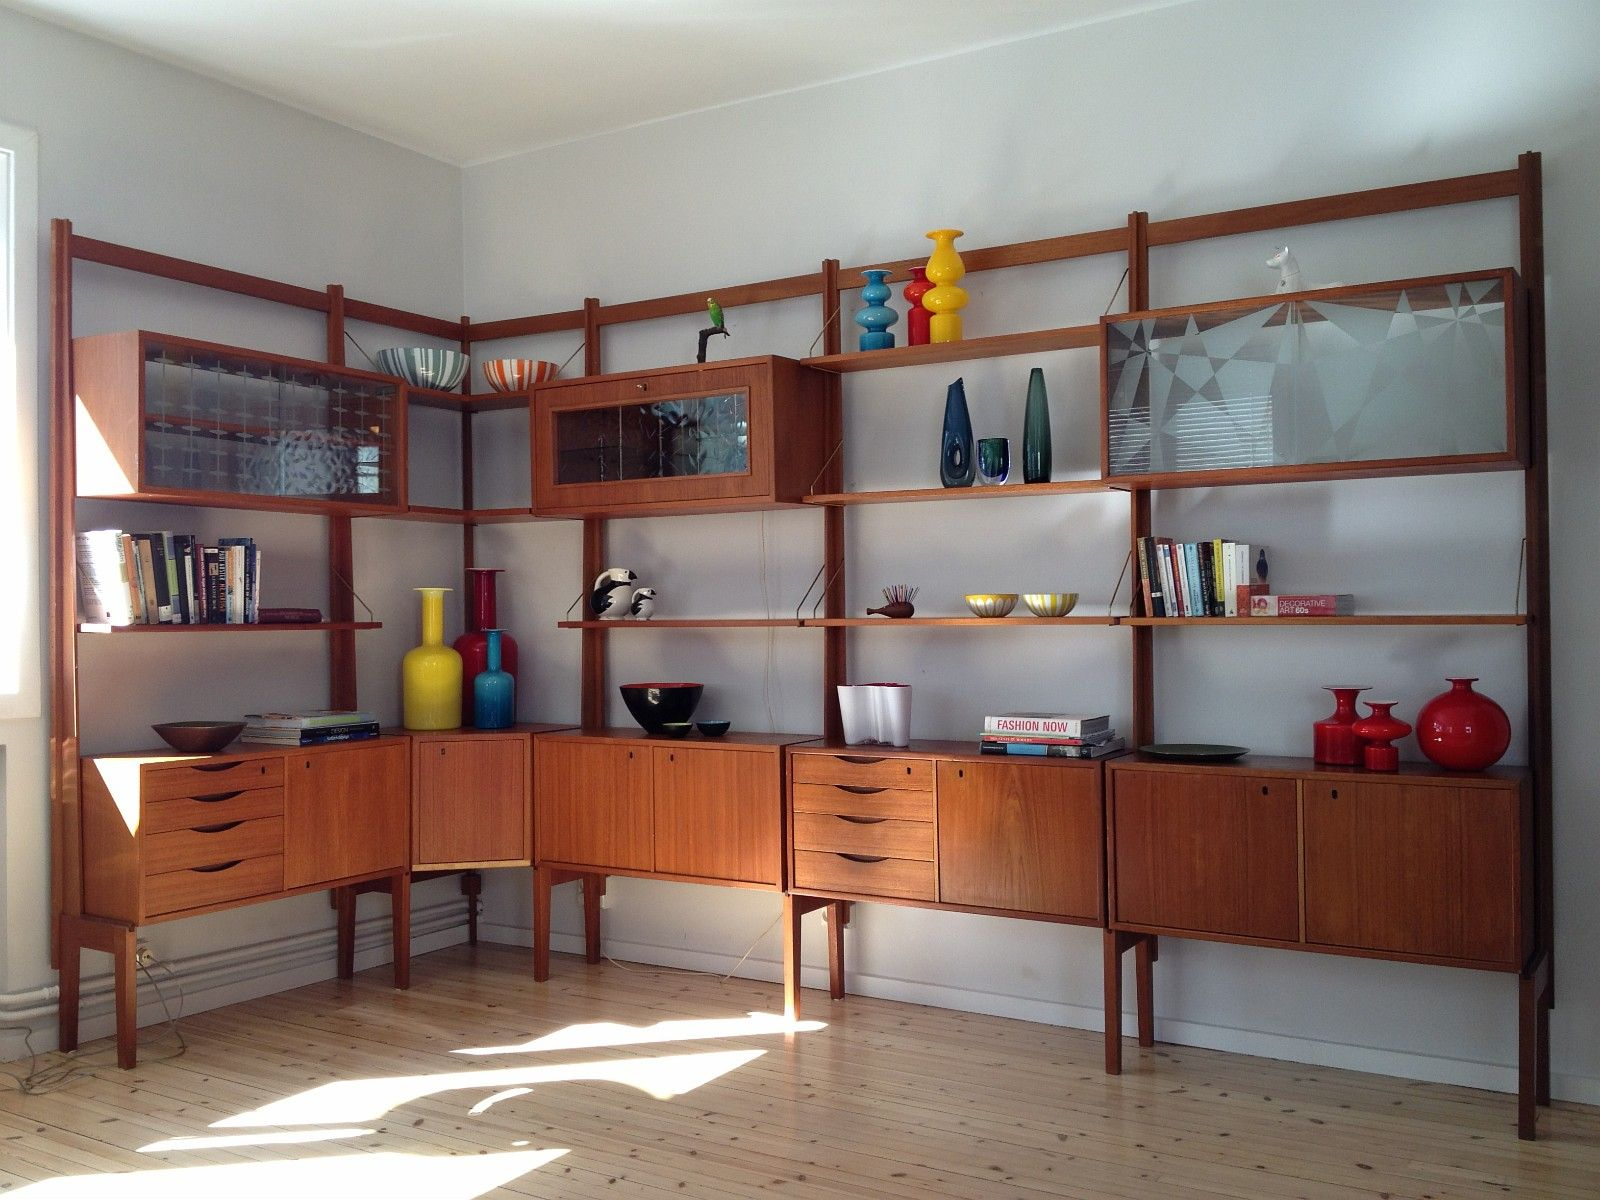 retro reol FINN – Veggen de luxe teak retro reol fra Bruksbo | Shelves, cubes  retro reol